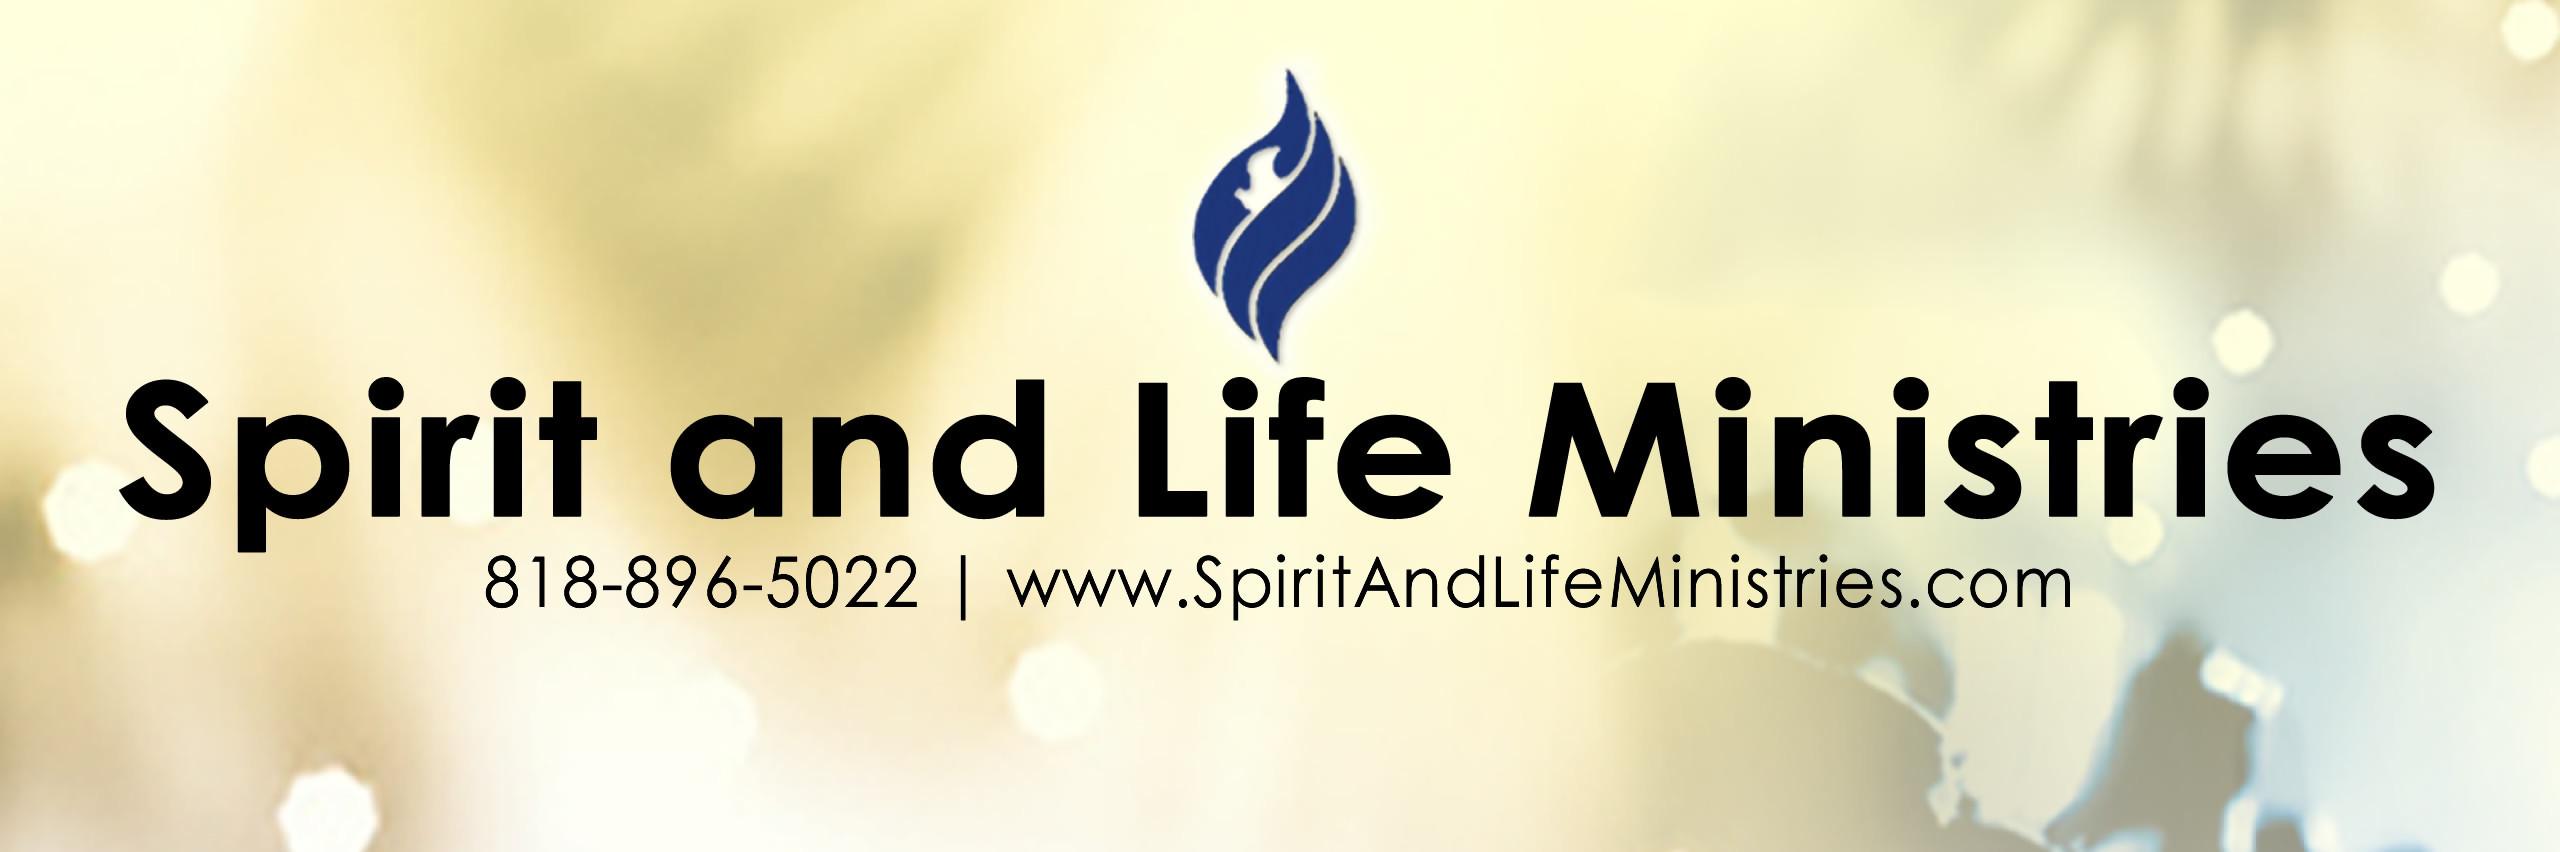 SpiritAndLifeMinistries